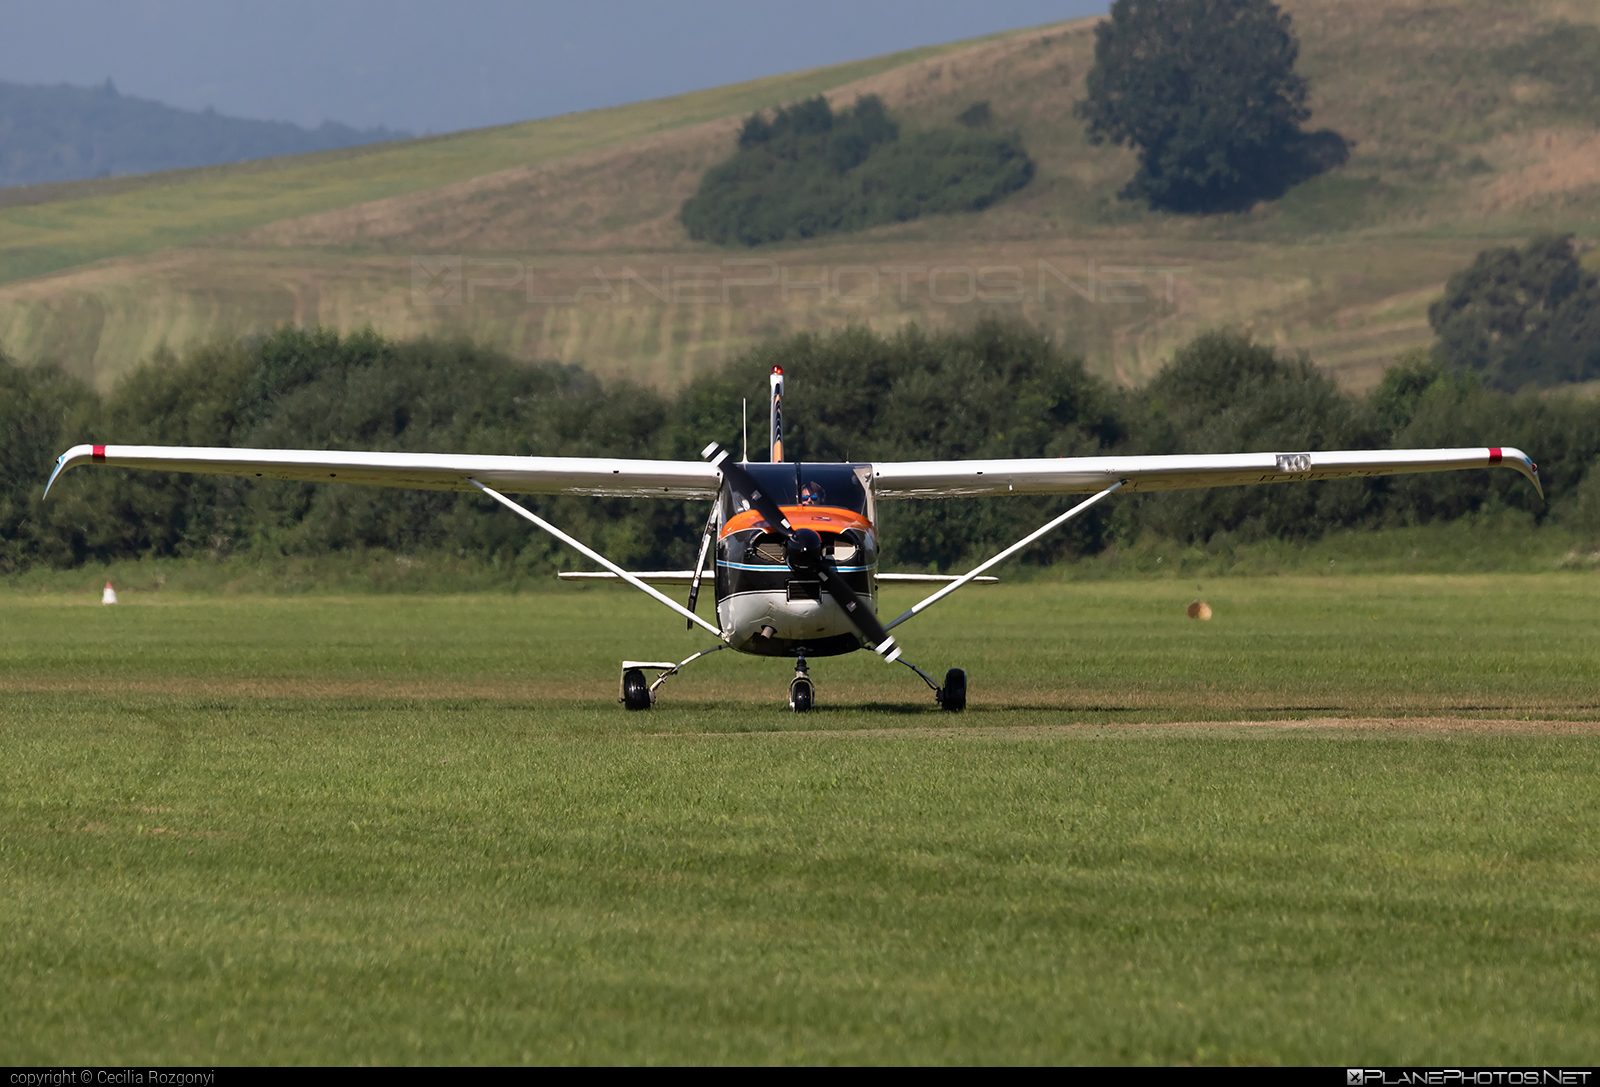 Cessna 182E Skylane - OM-DBT operated by Slovenský národný aeroklub (Slovak National Aeroclub) #cessna #cessna182 #cessna182e #cessna182eskylane #cessna182skylane #cessnaskylane